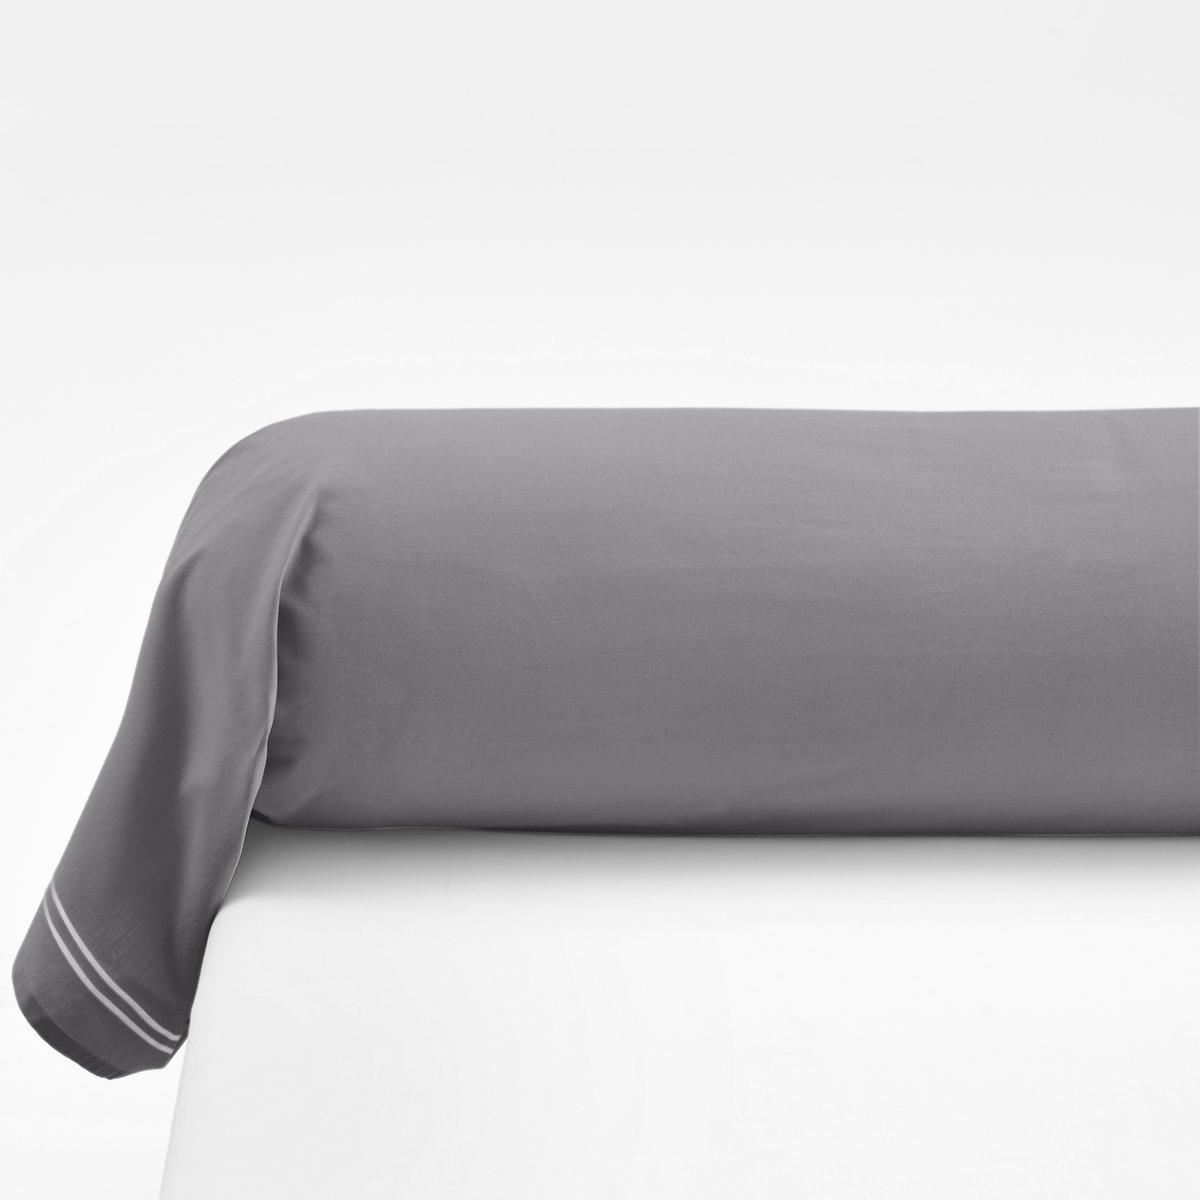 Наволочка на подушку-валик из хлопковой перкали, PalacePalace :Постельное белье, сочетающее простоту и шик двойного контрастного канта светло-серого цвета на однотонном белом или сером фоне  .Характеристики наволочек на подушку-валик Palace : - Перкаль, 100% хлопка - настоящий люкс для вашей спальни. Роскошная ткань с очень плотным переплетением нитей (80 нитей/см?), сотканная из длинных хлопковых волокон   . Чем плотнее переплетение нитей/см?, тем выше качество материала.На подушку-валик: двойной кант по краям  .- Машинная стирка при 60°, легко гладить..Знак Oeko-Tex® гарантирует отсутствие вредных для здоровья человека веществ в протестированных и сертифицированных изделиях.Размеры :85 x 185 см : Наволочка на подушку-валик   .Найдите комплект постельного белья по названию Palace<br><br>Цвет: серый/розовая пудра,темно-серый,темно-синий/серый